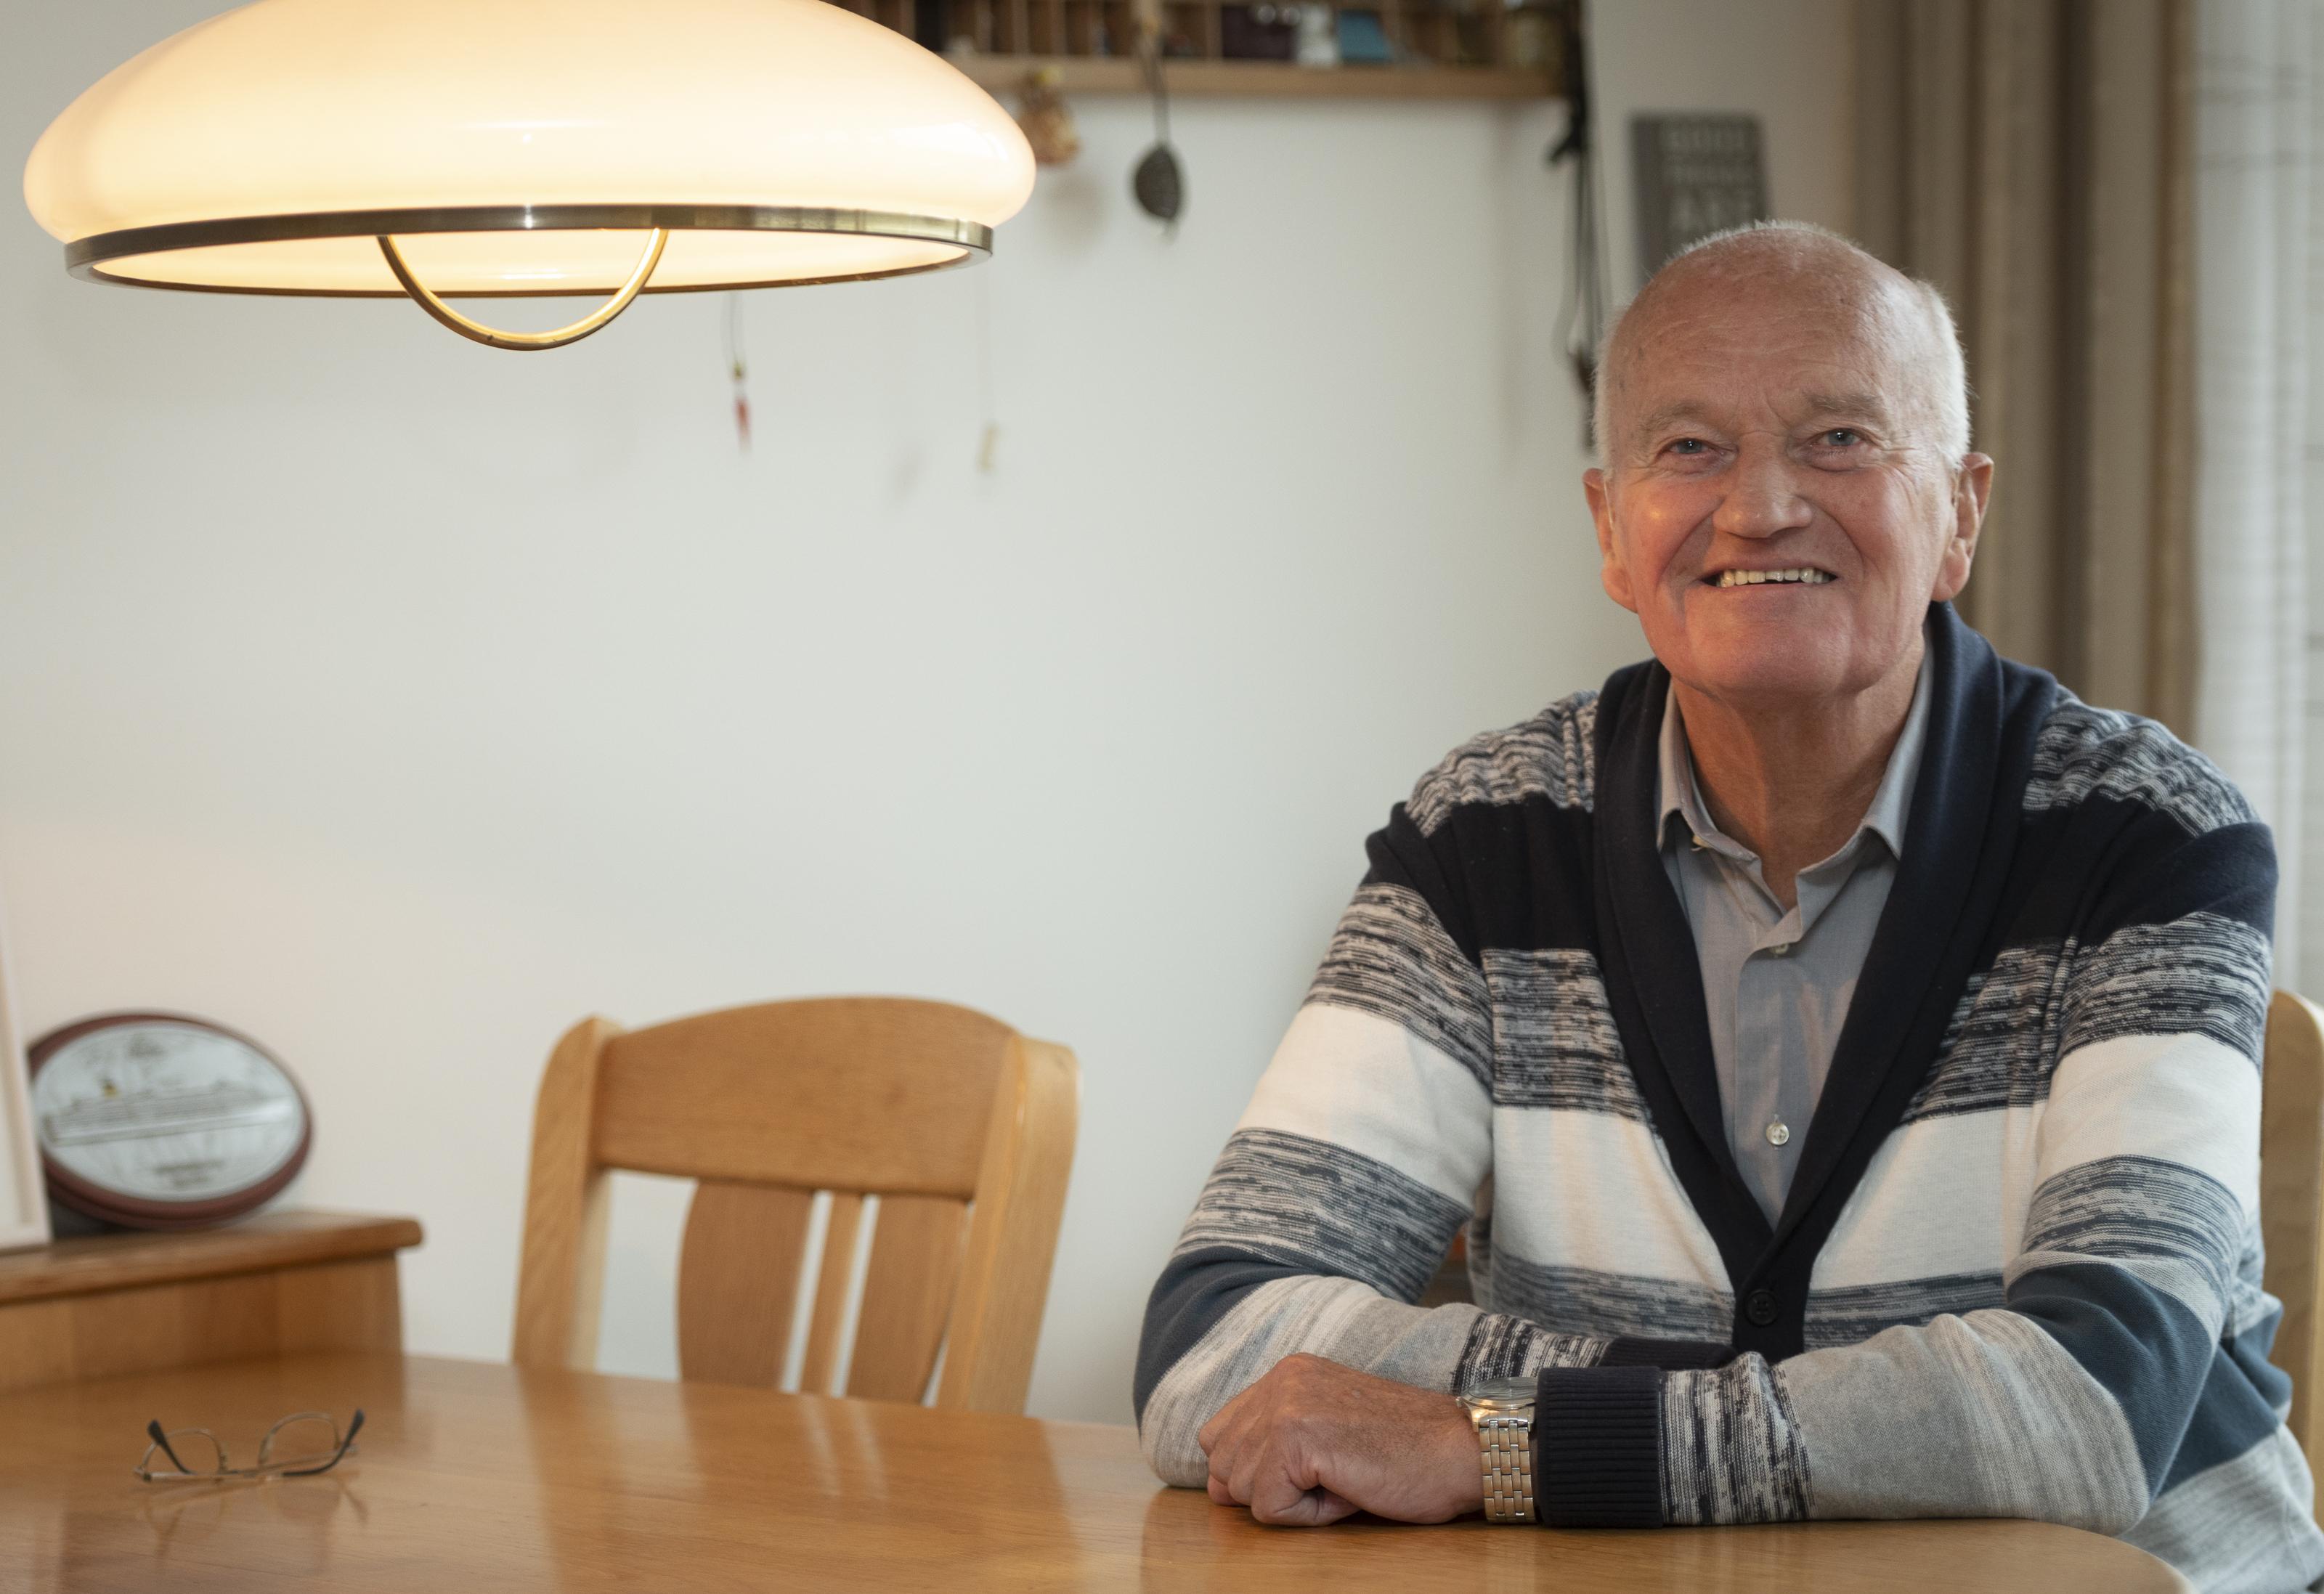 Dirk Vermeij over zijn loopbaan: 'Alles aanpakken wat er op je pad komt'